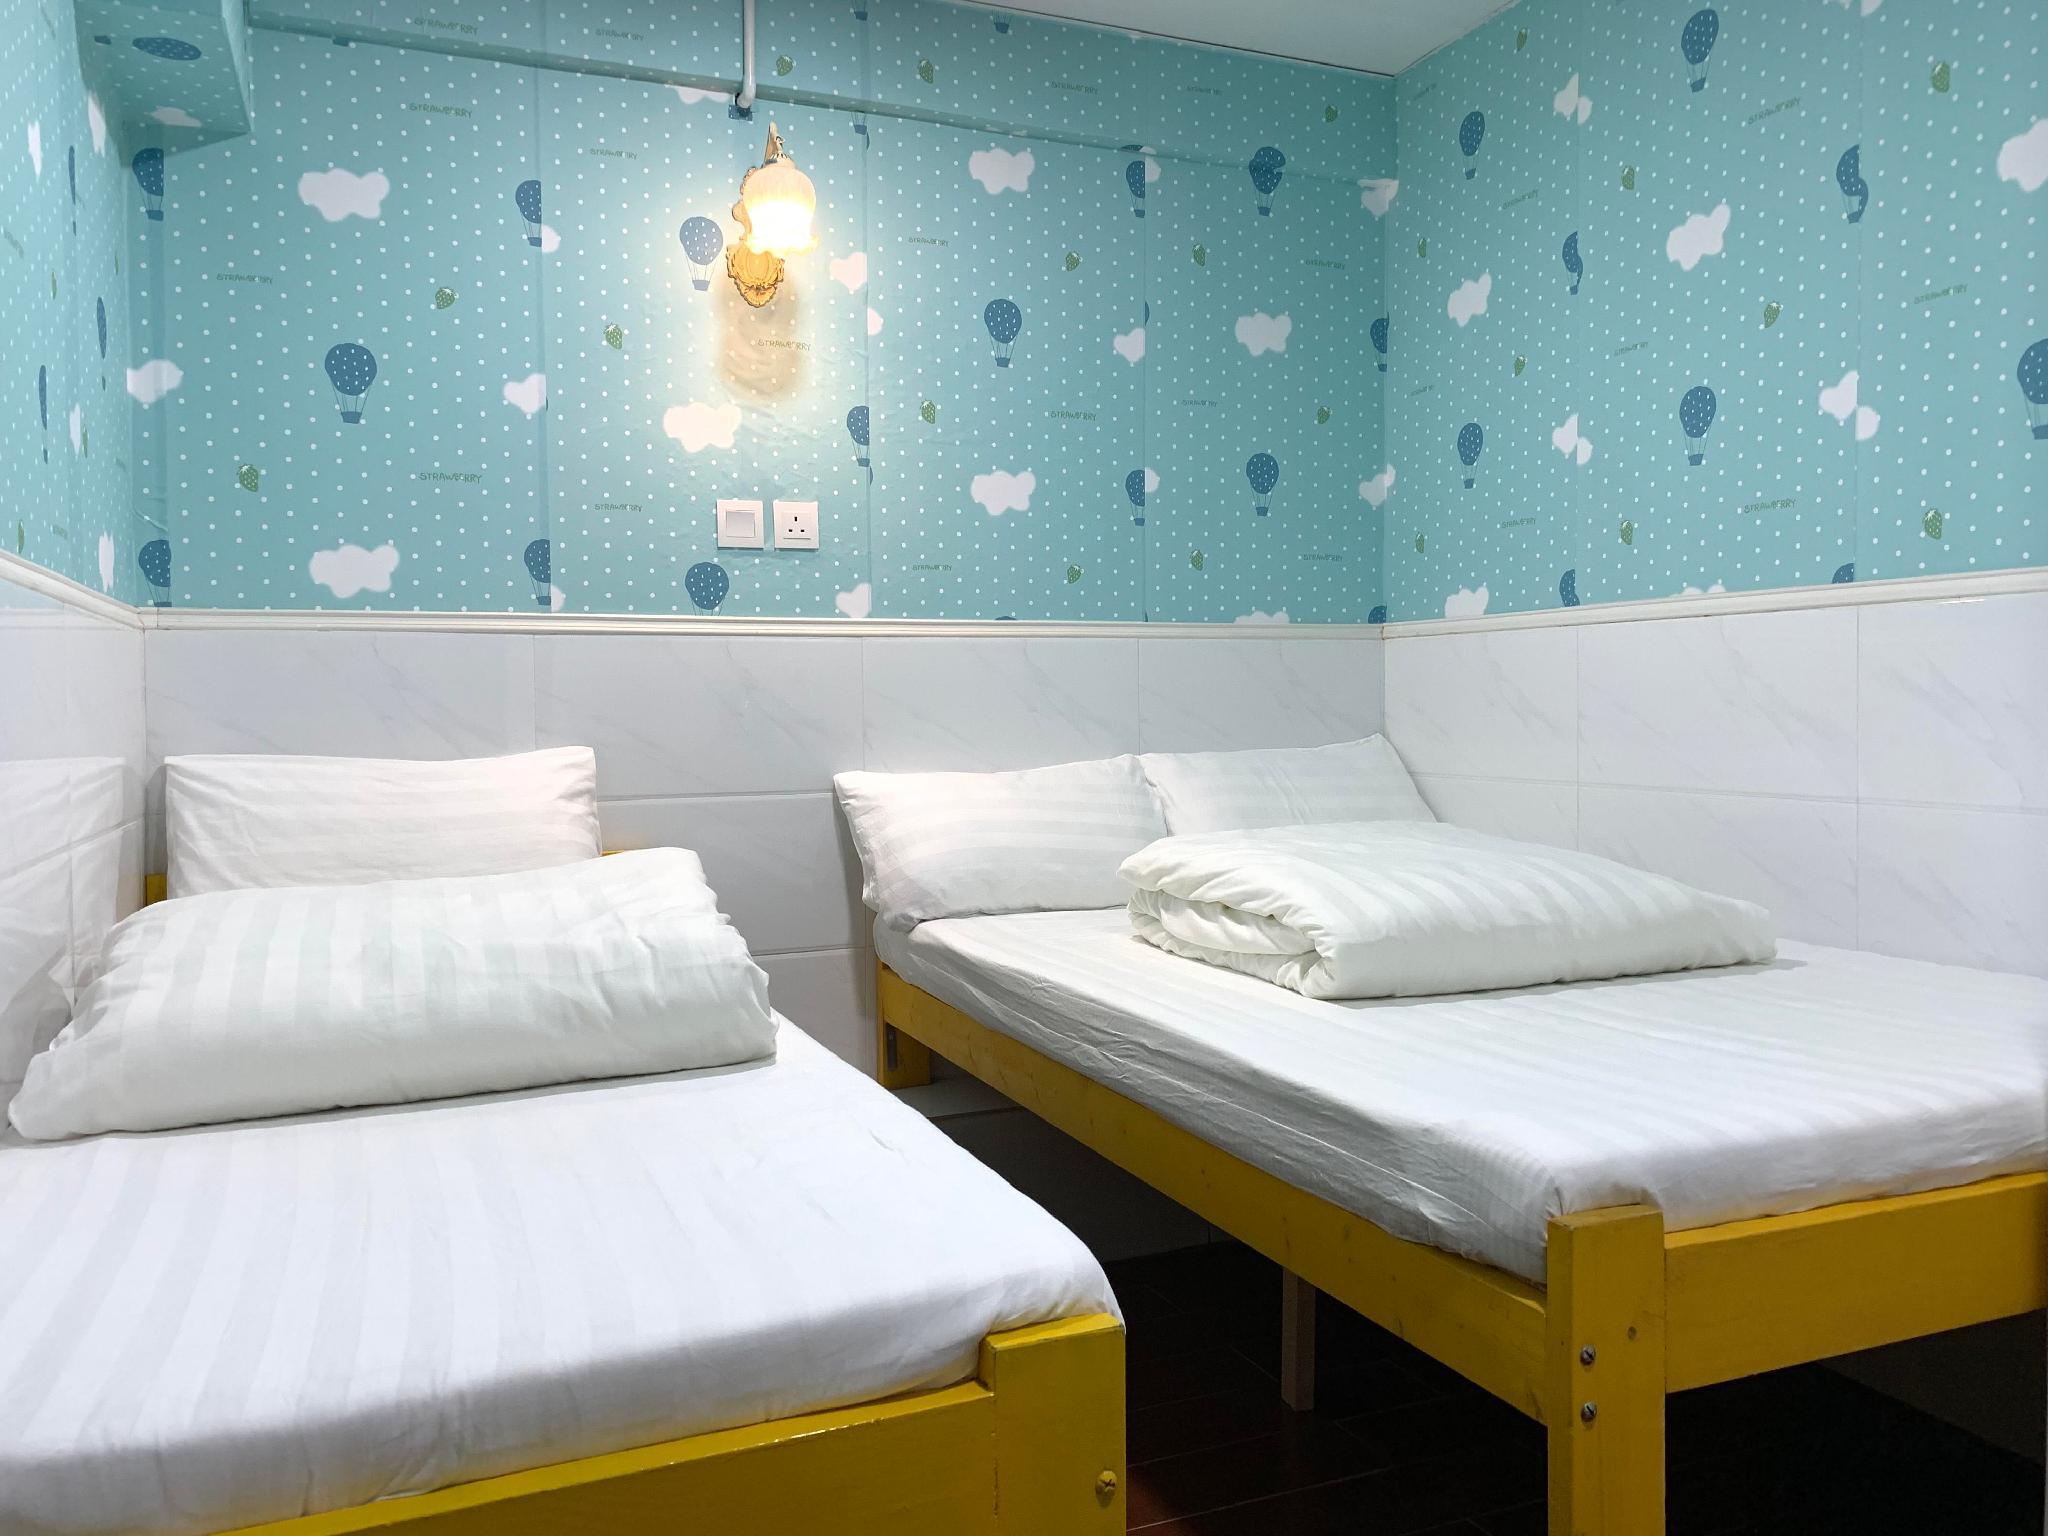 Kin Shing Hostel